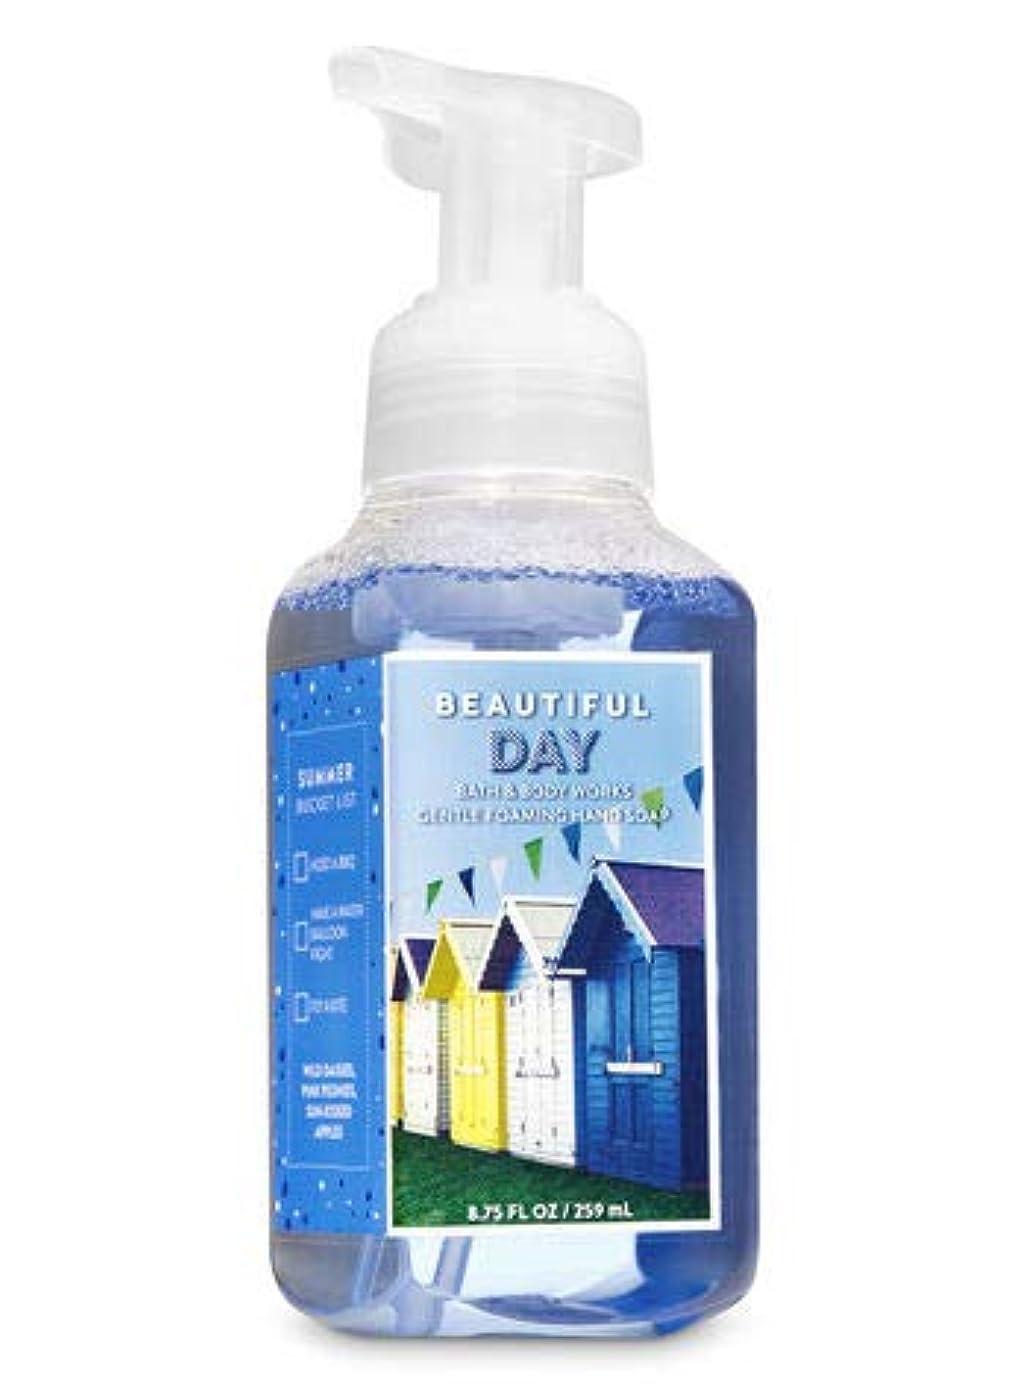 乱す混乱完璧なバス&ボディワークス ビューティフルディ ジェントル フォーミング ハンドソープ Beautiful Day Gentle Foaming Hand Soap